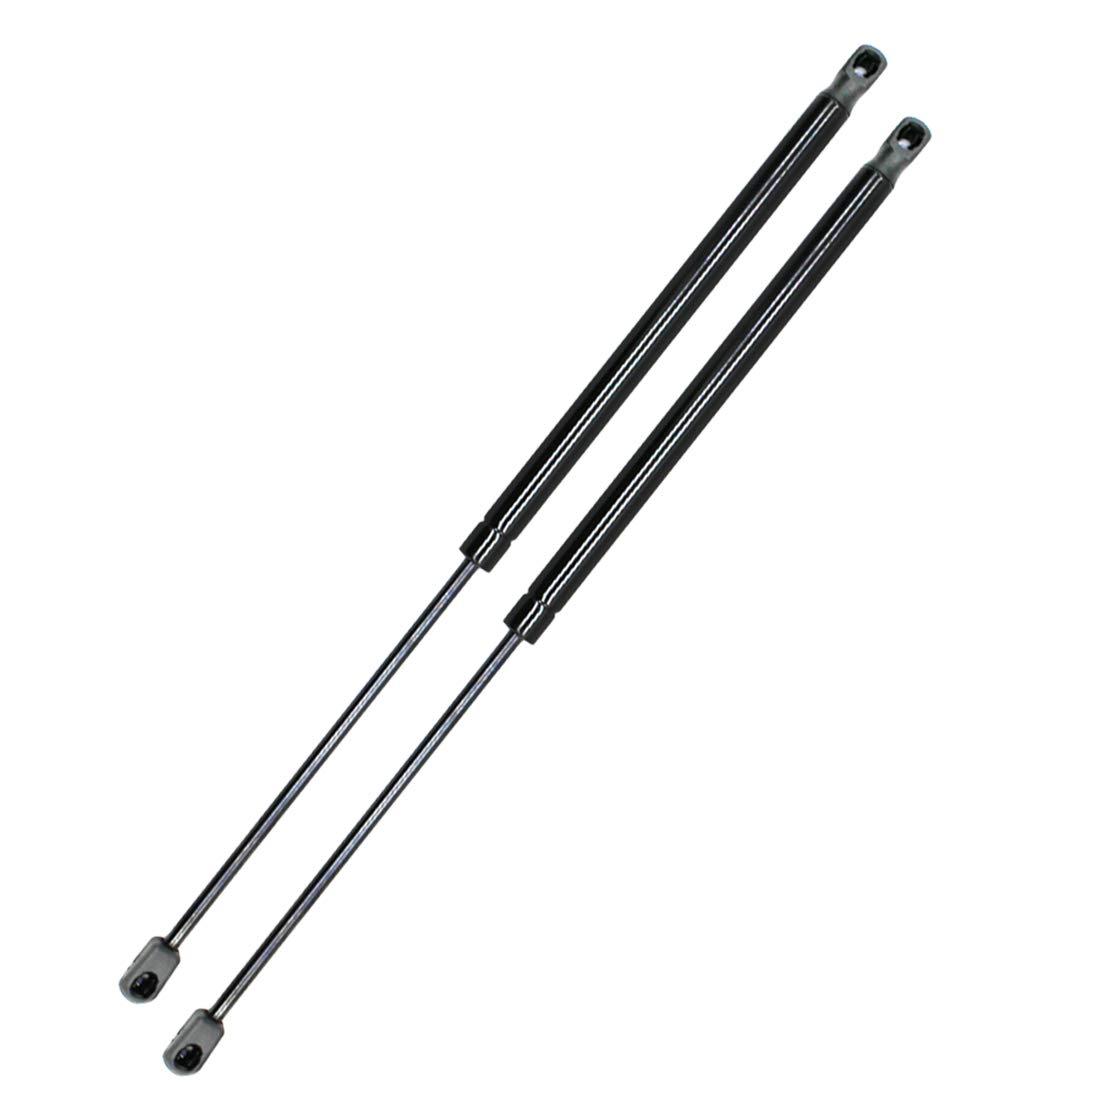 HZYCKJ Amortiguador de soporte de elevaci/ón de maletero trasero de 2 piezas OEM # 904511AA1A 904501AA1A